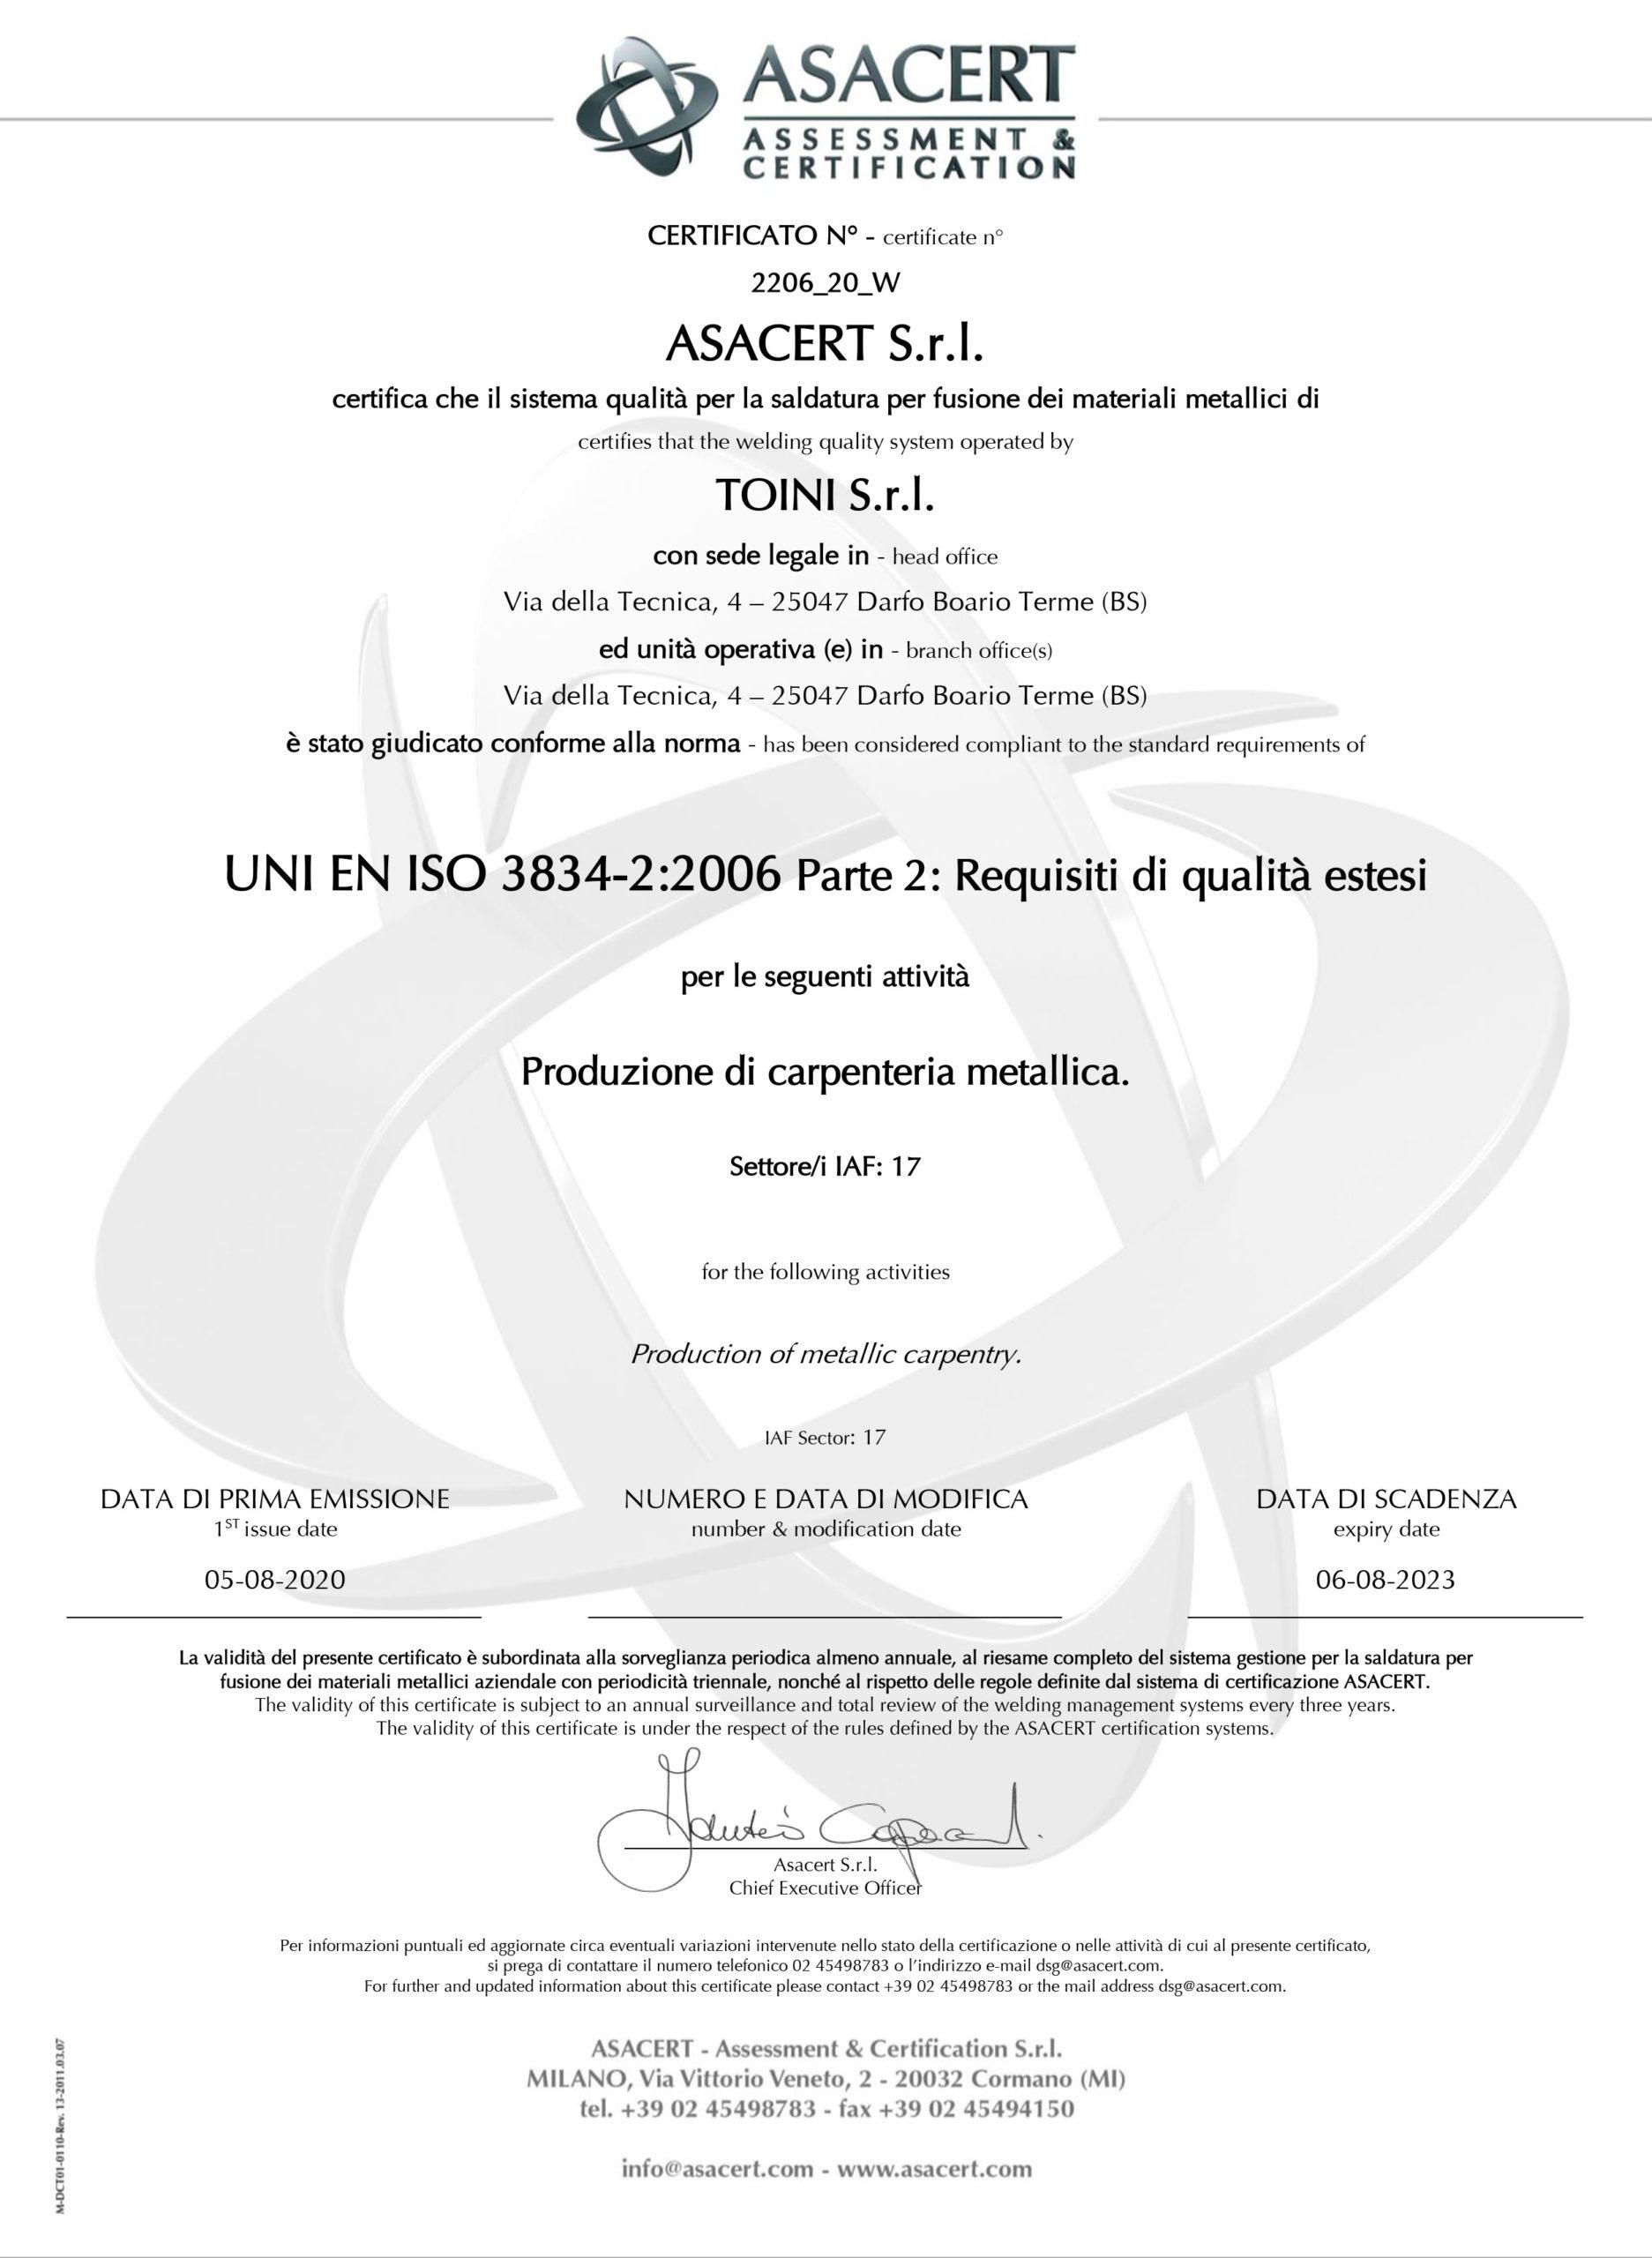 Clicca sull'immagine per scaricare la certificazione in PDF